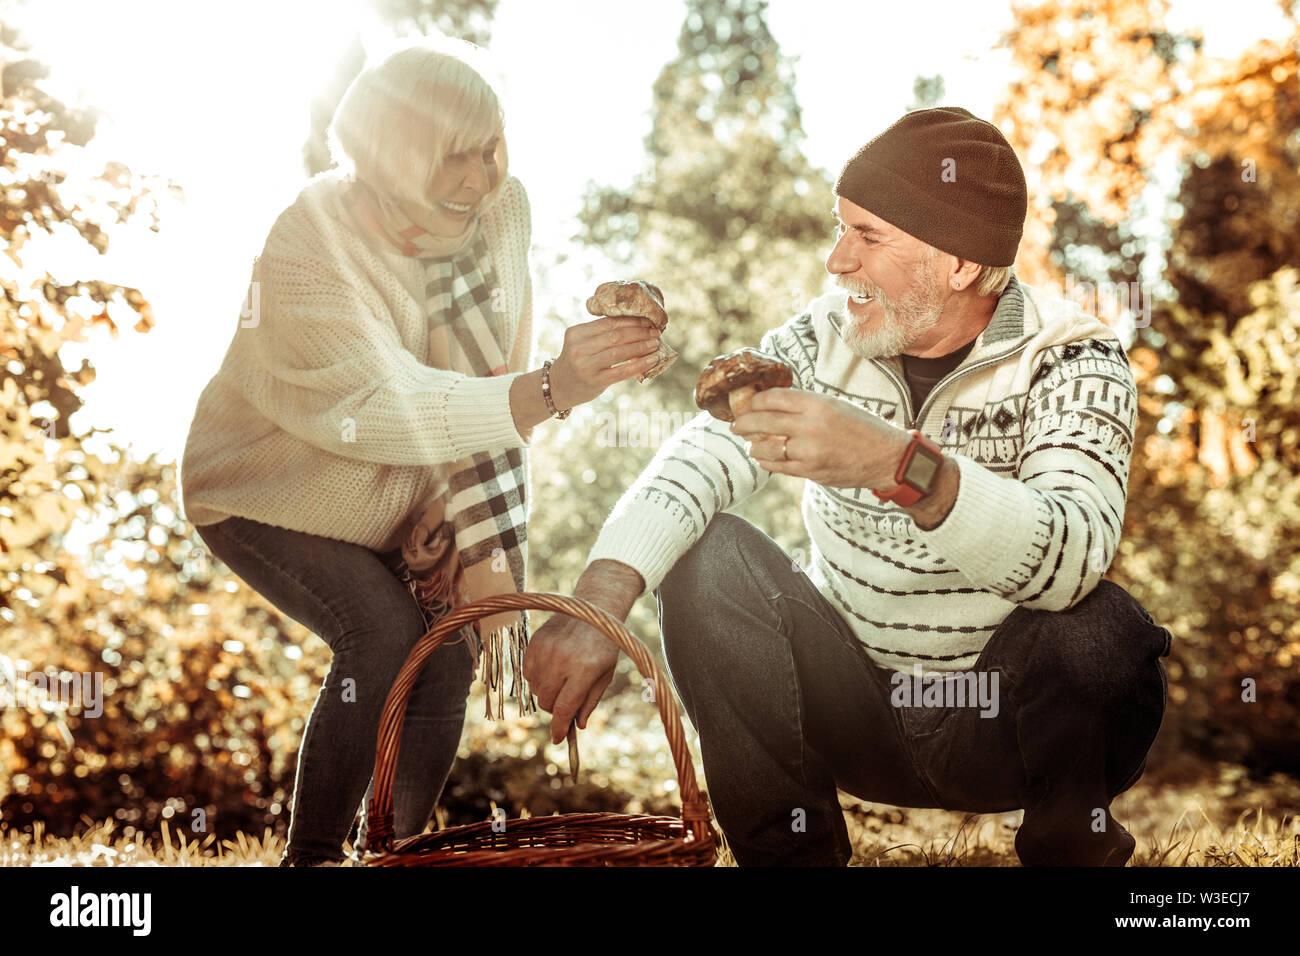 Mari et femme comparant des champignons dans la forêt. Photo Stock